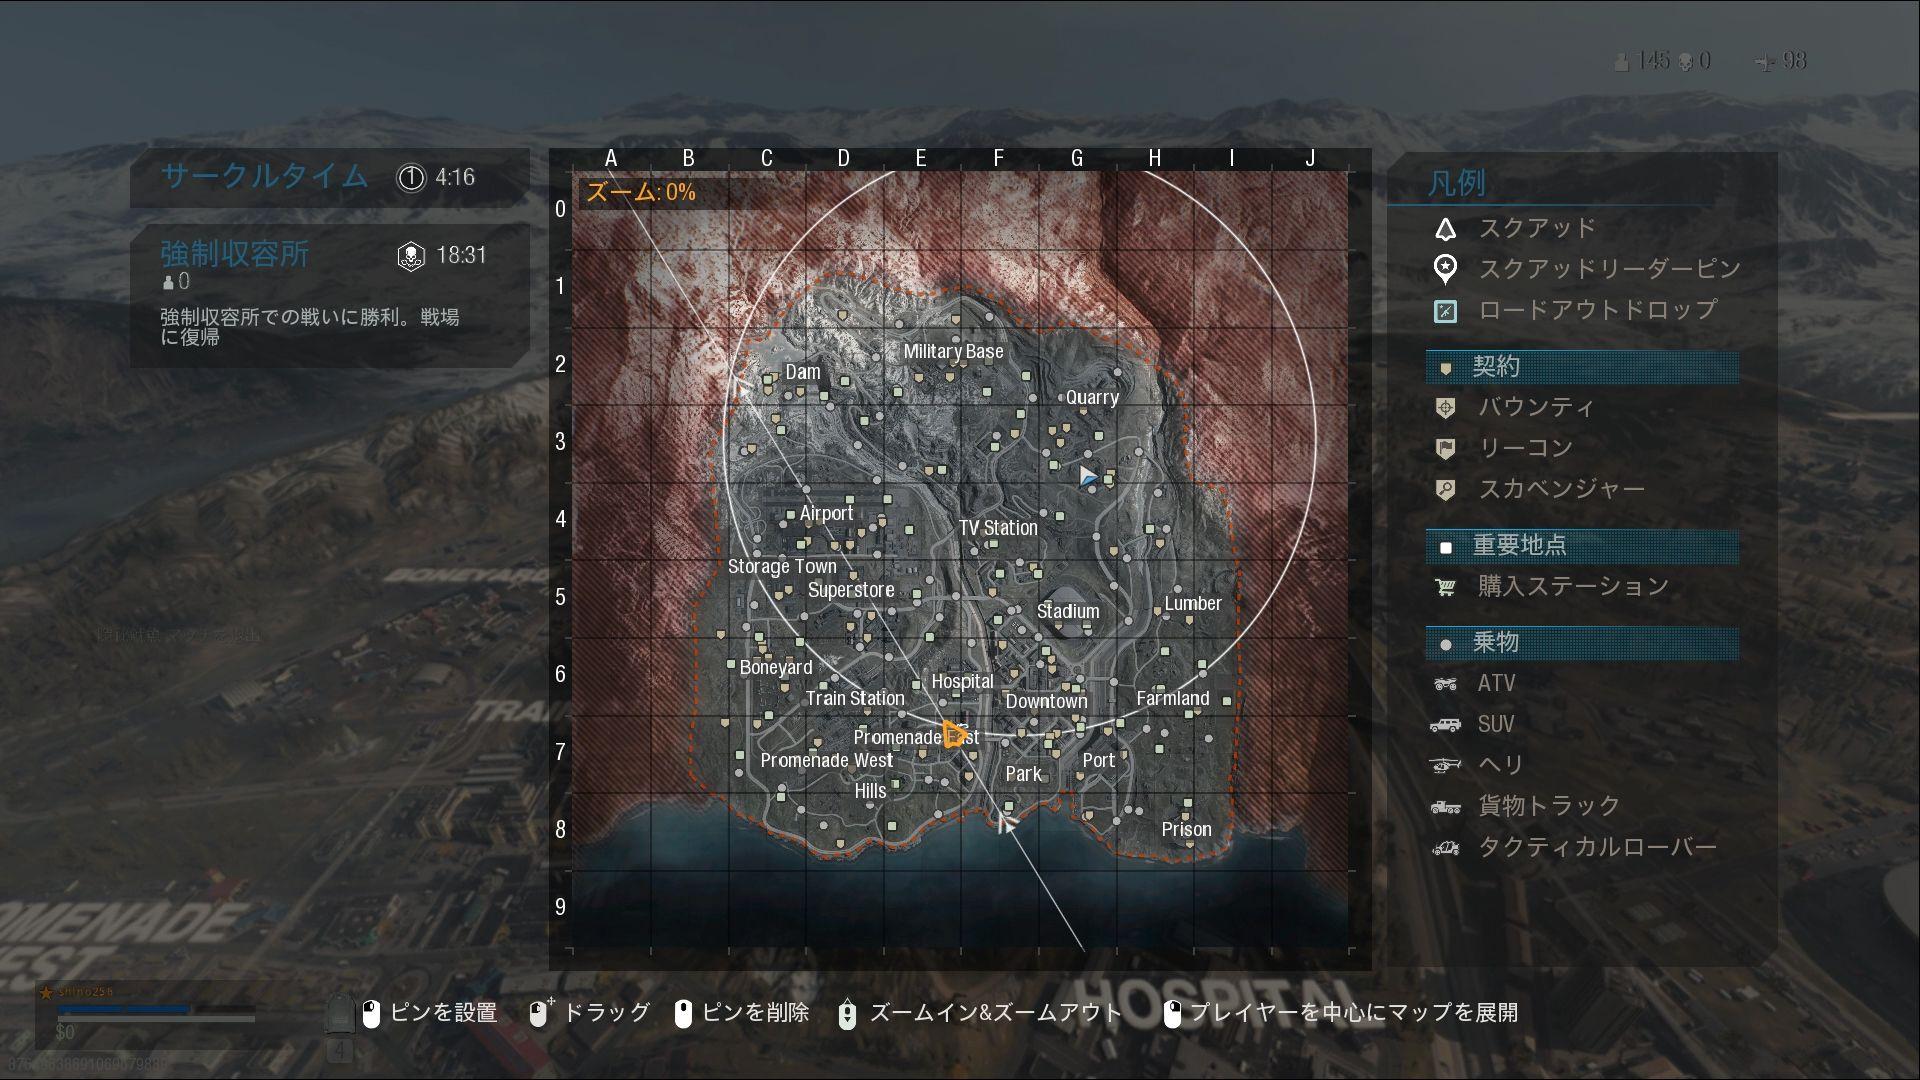 10日で3000万人がプレイ! 新作『Call of Duty:Warzone』は今年の覇者となるか!?【おっさんゲーマーの無料ゲーム放浪記・第2回】の画像006